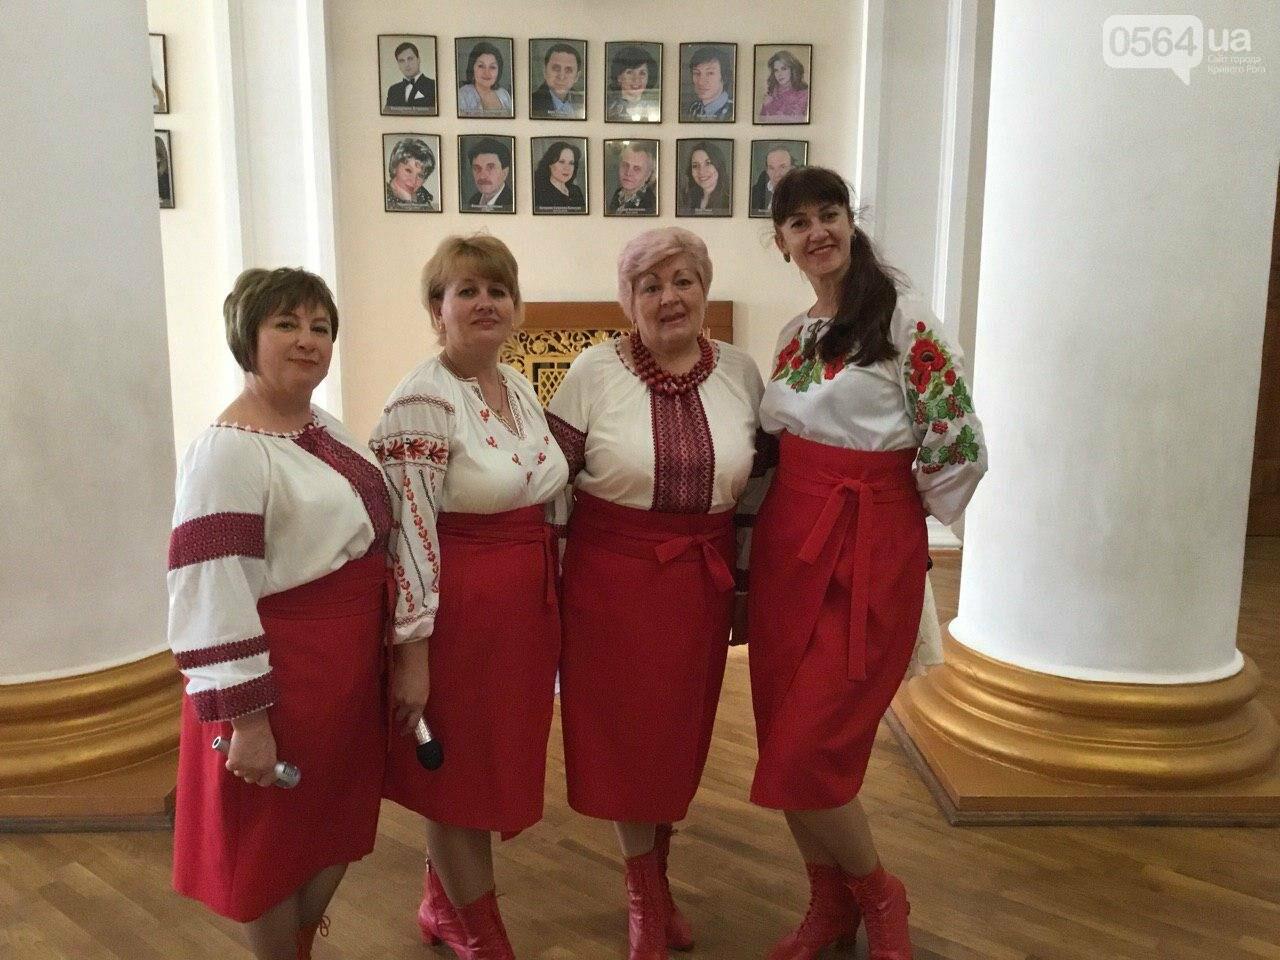 Аграрии Криворожья отметили свой профессиональный праздник, - ФОТО, ВИДЕО, фото-8